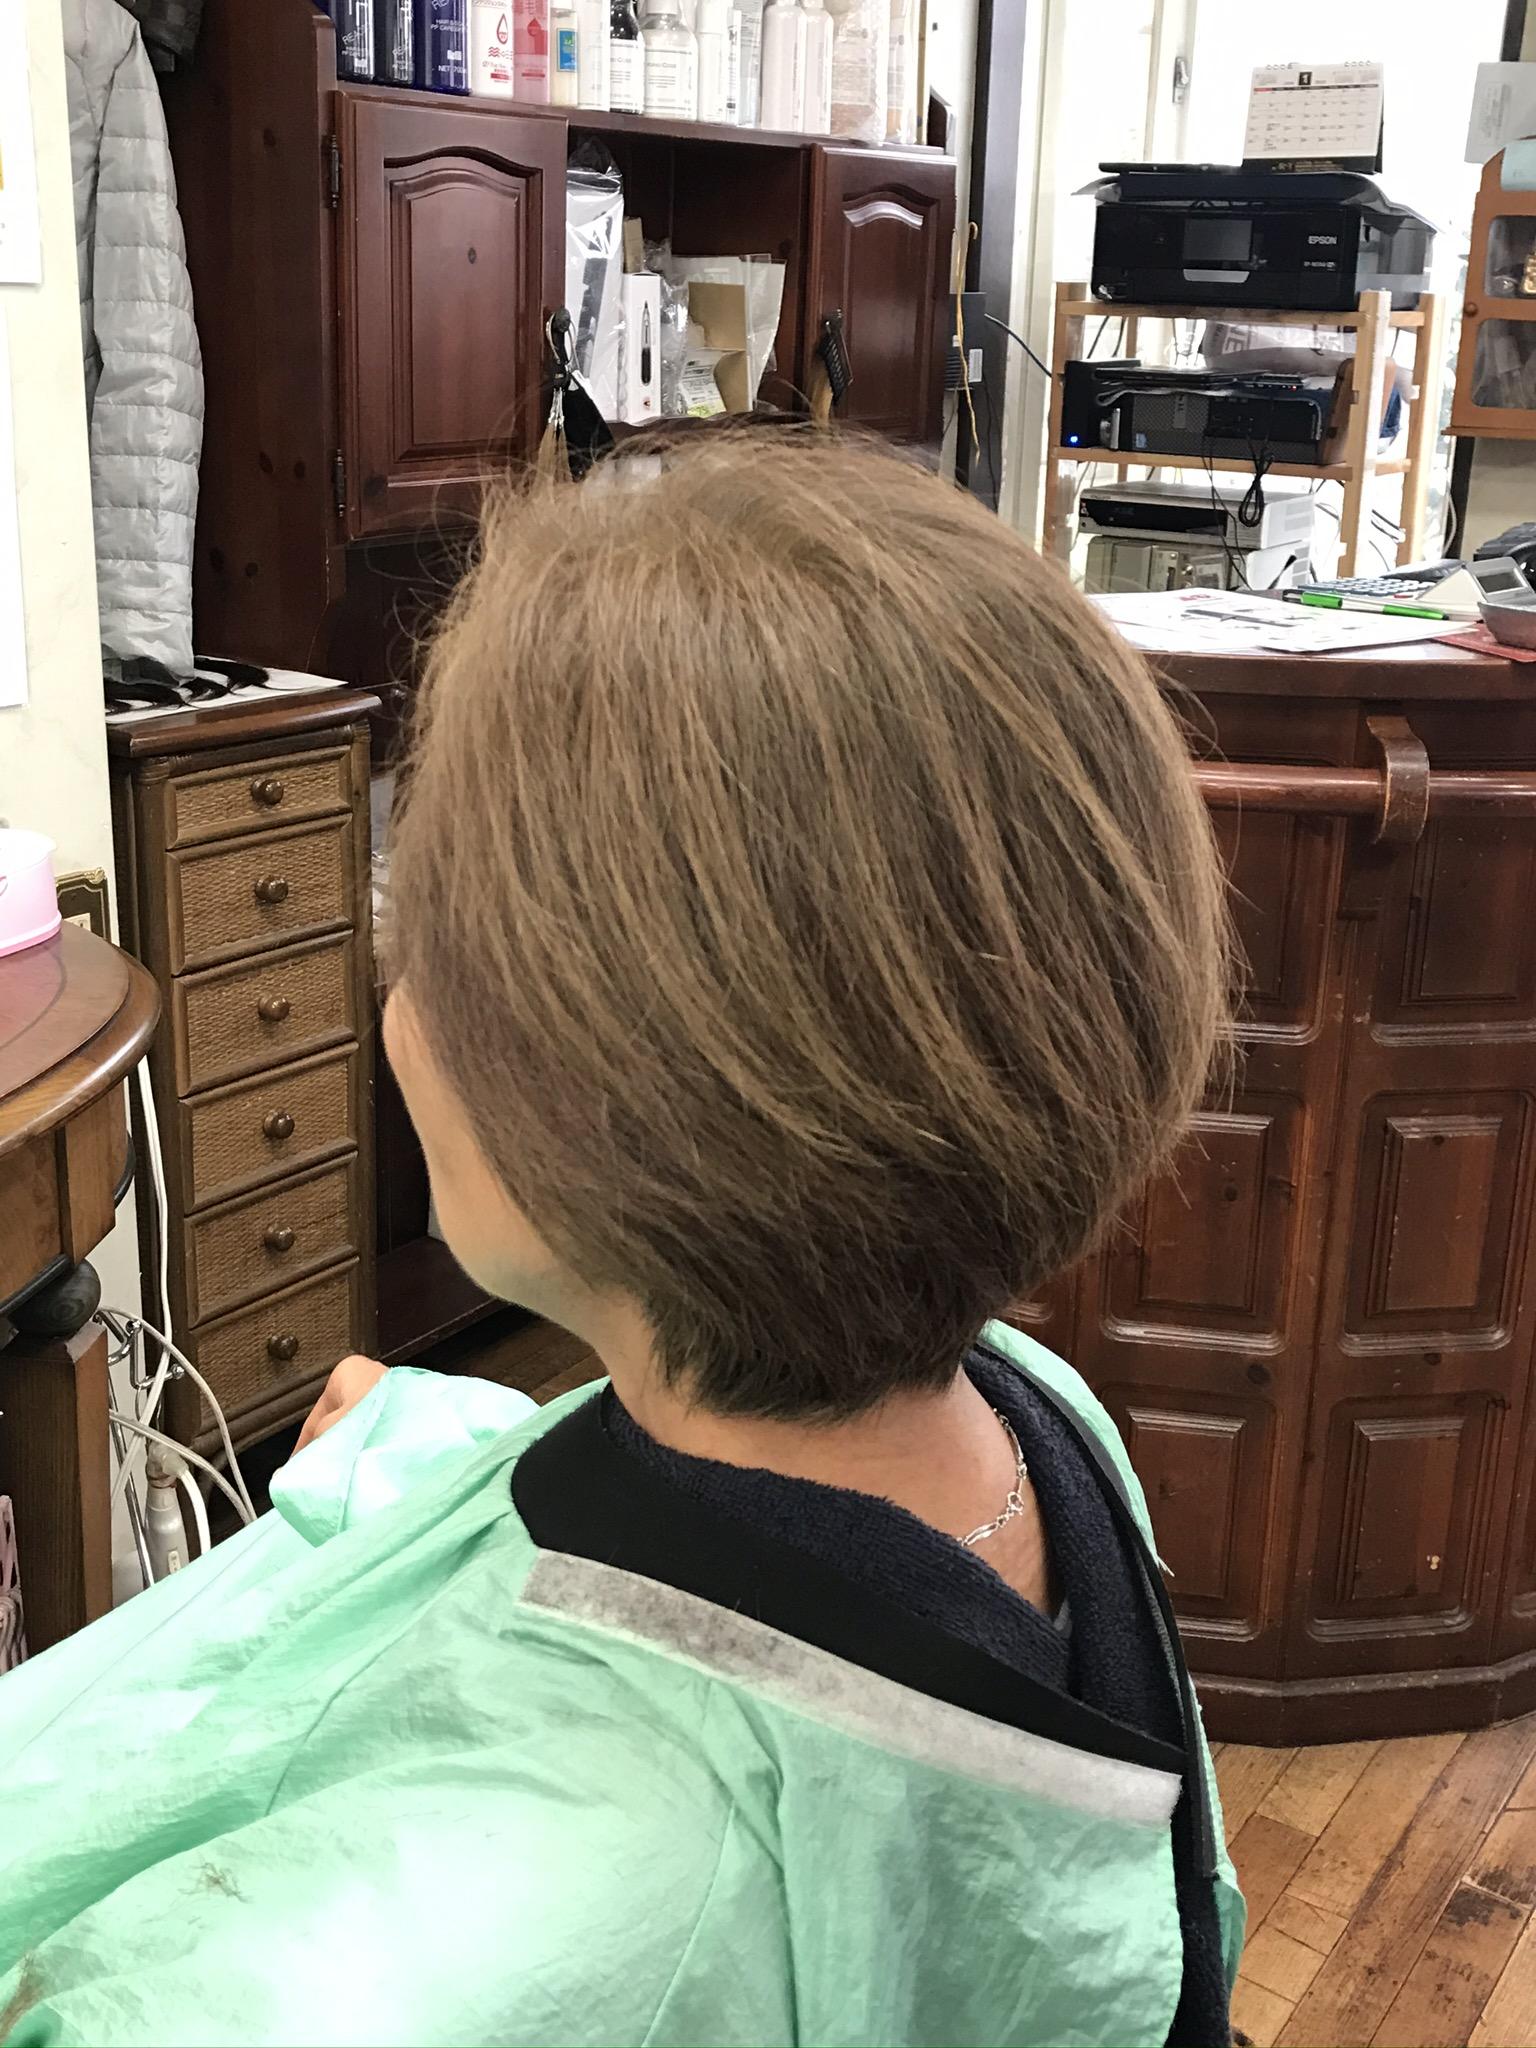 ヘナとカットでくせ毛も落ち着きます  ヘナは濃度の変化でも楽しめます